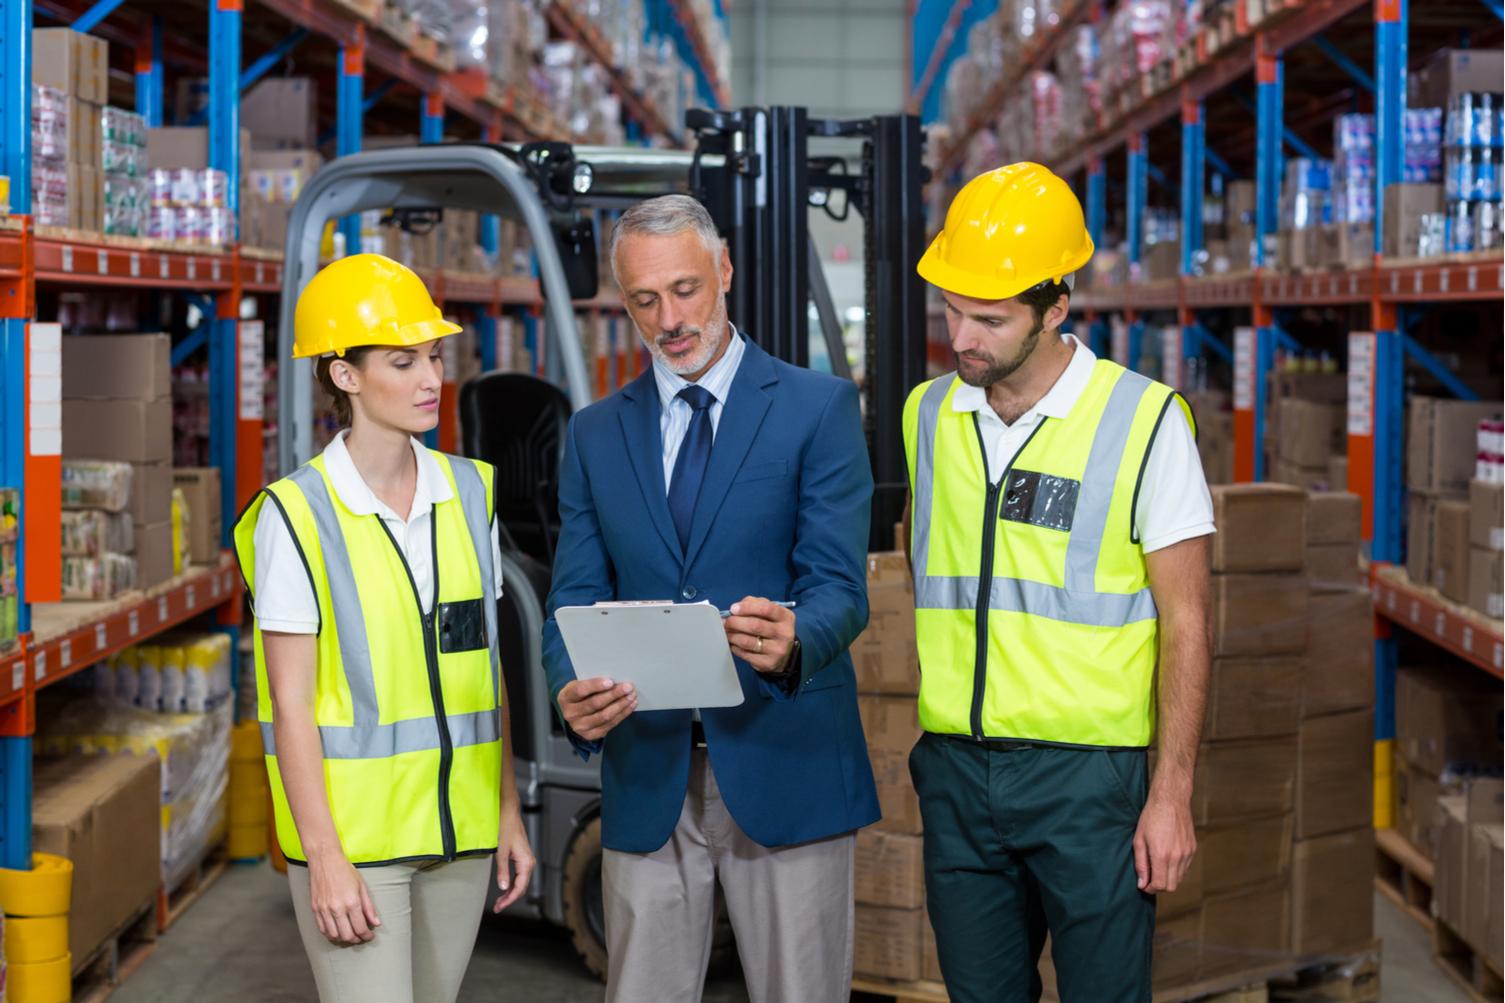 Arbeitsschutz: Arbeitssicherheit ist Chefsache